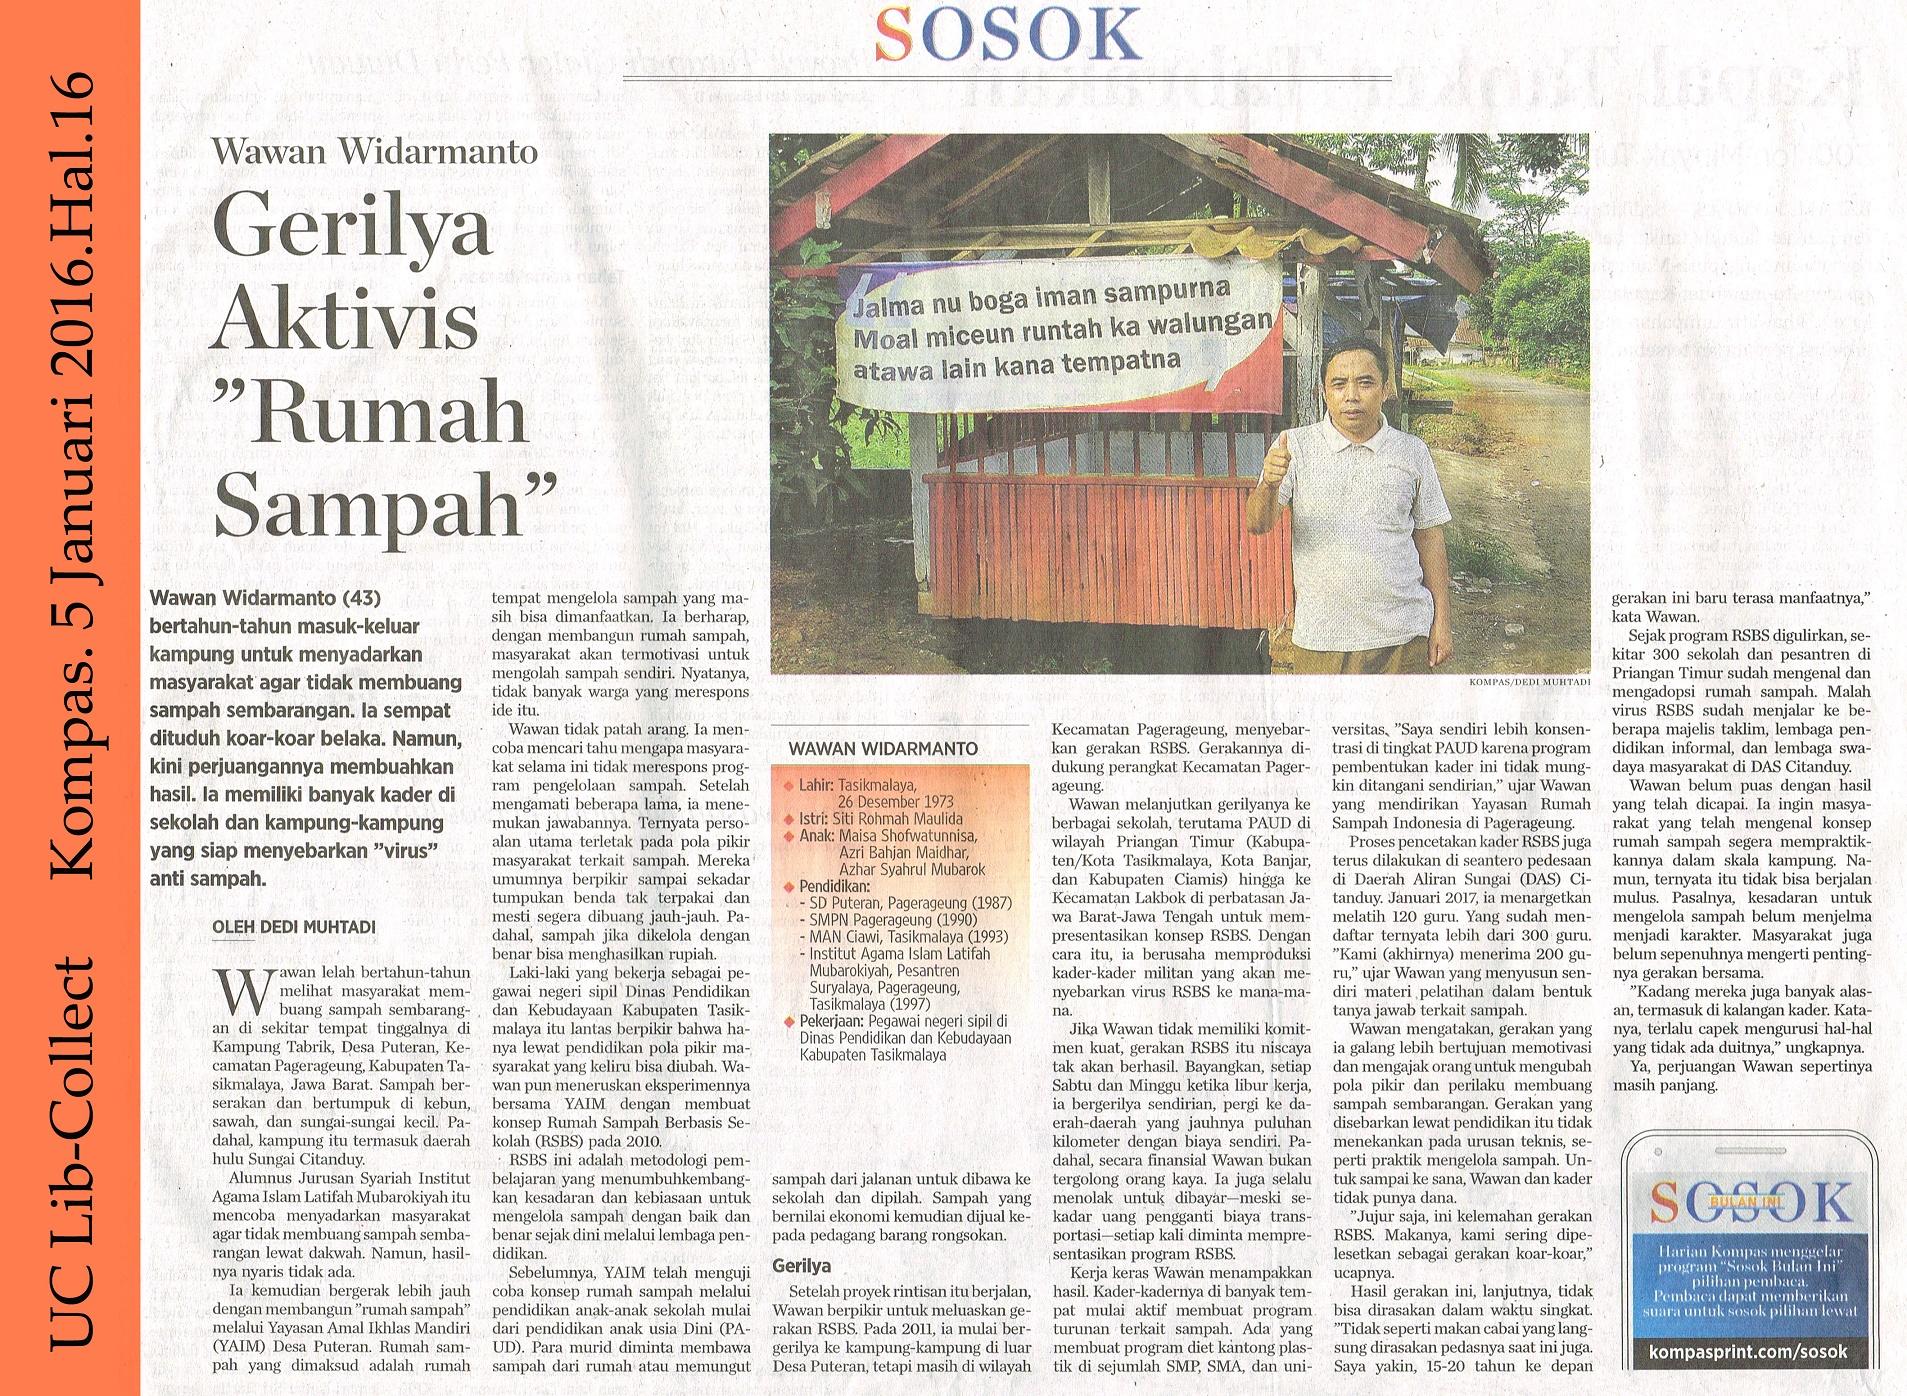 Wawan Widarmanto_ Gerilya Aktivis Rumah Sampah. Kompas.5 Januari 2017.Hal.16